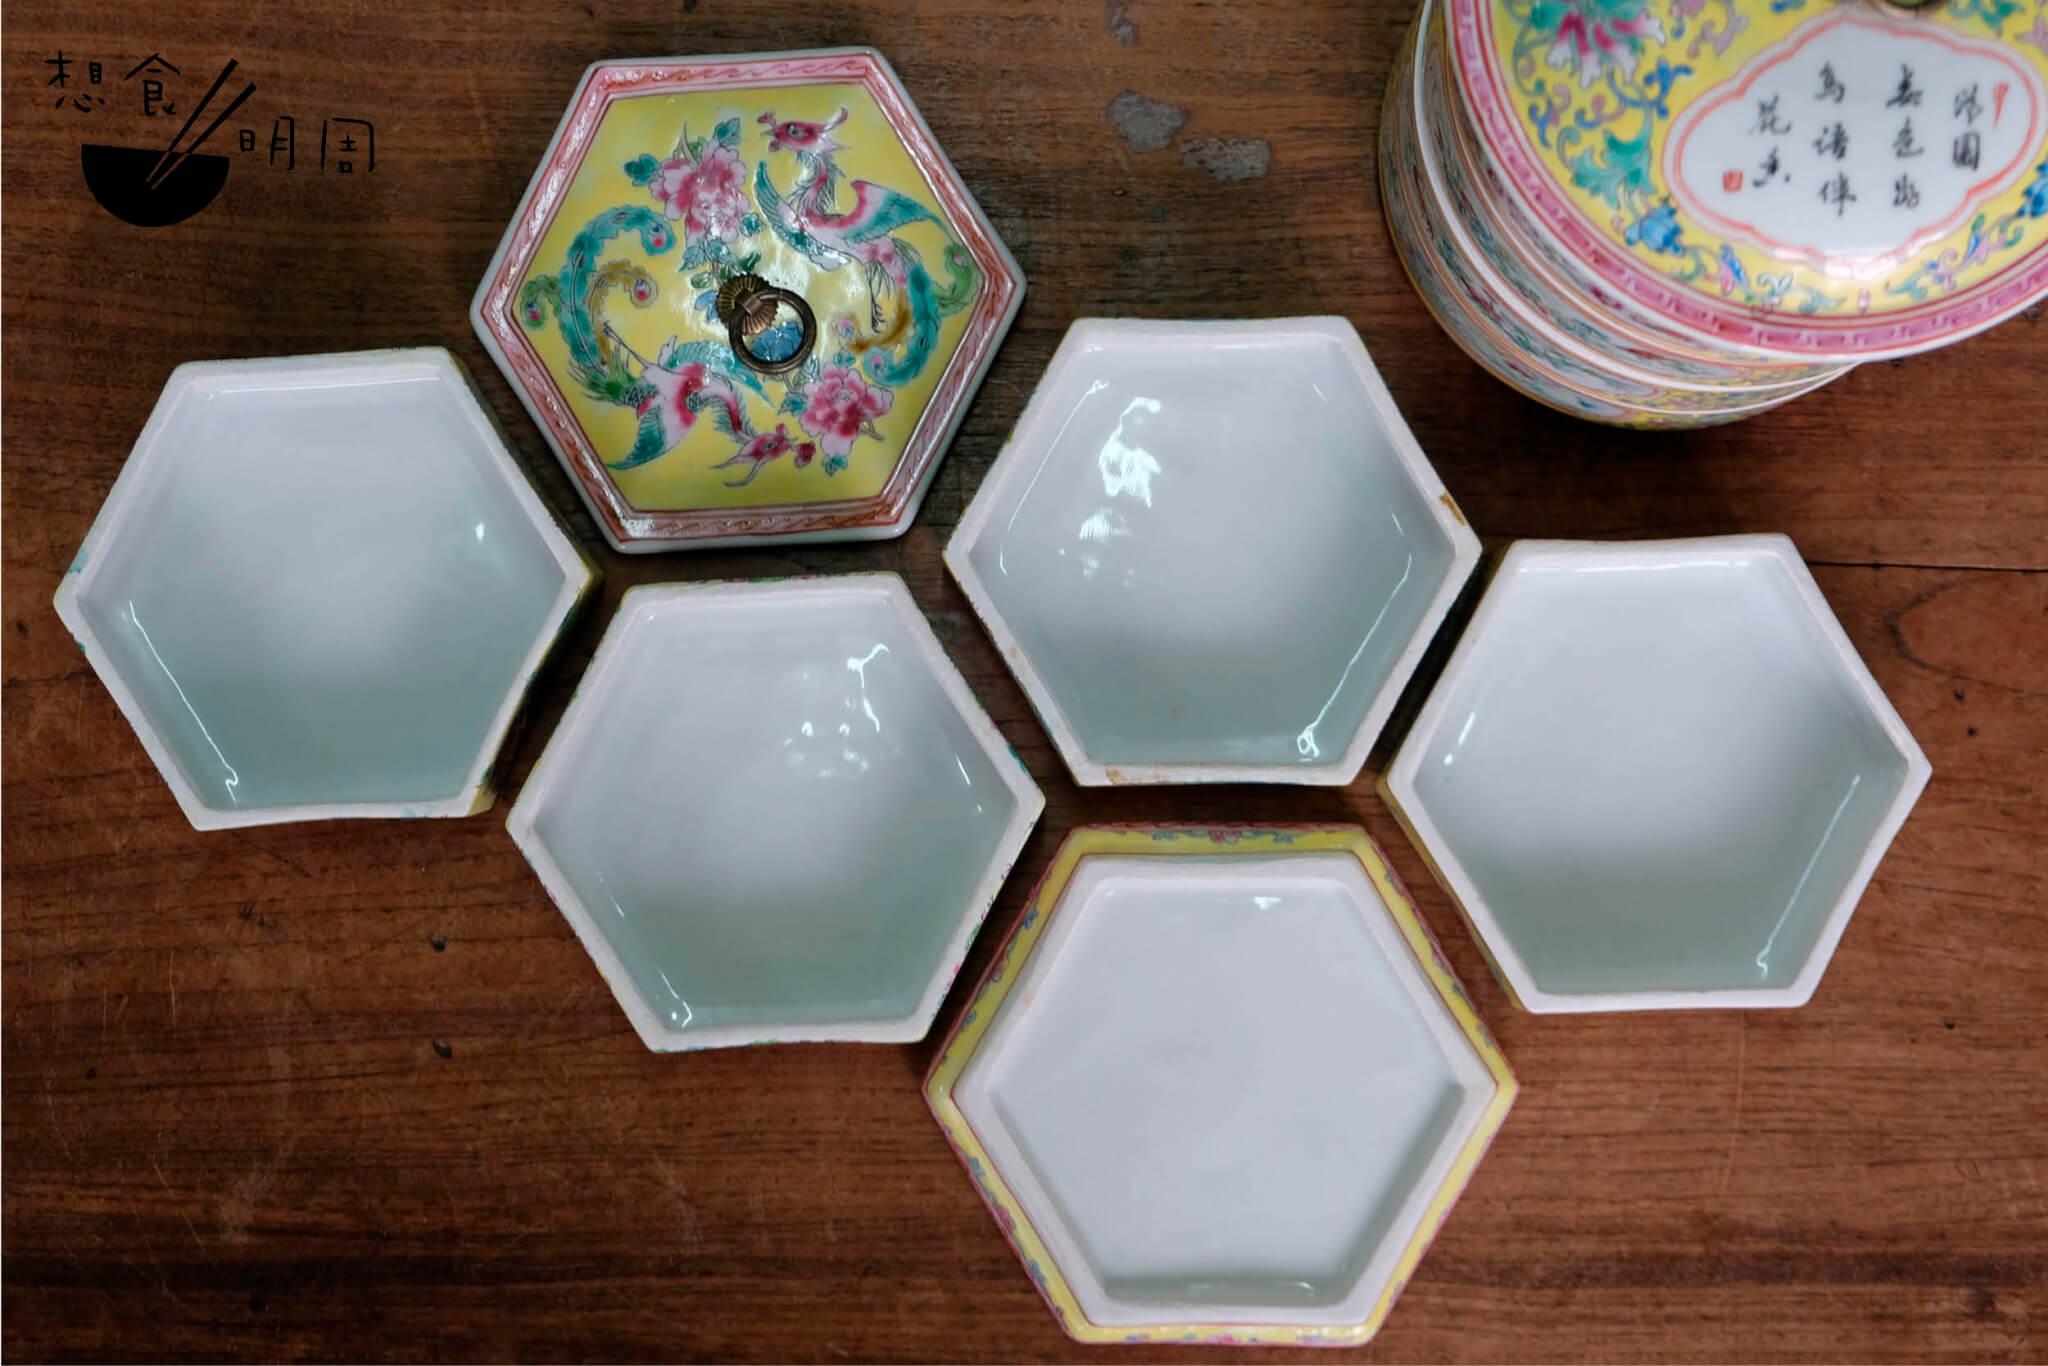 六角型的「便當」瓷器,可供層層疊放。外層繪有晚清慈禧太后「大雅齋」瓷器的紋飾。